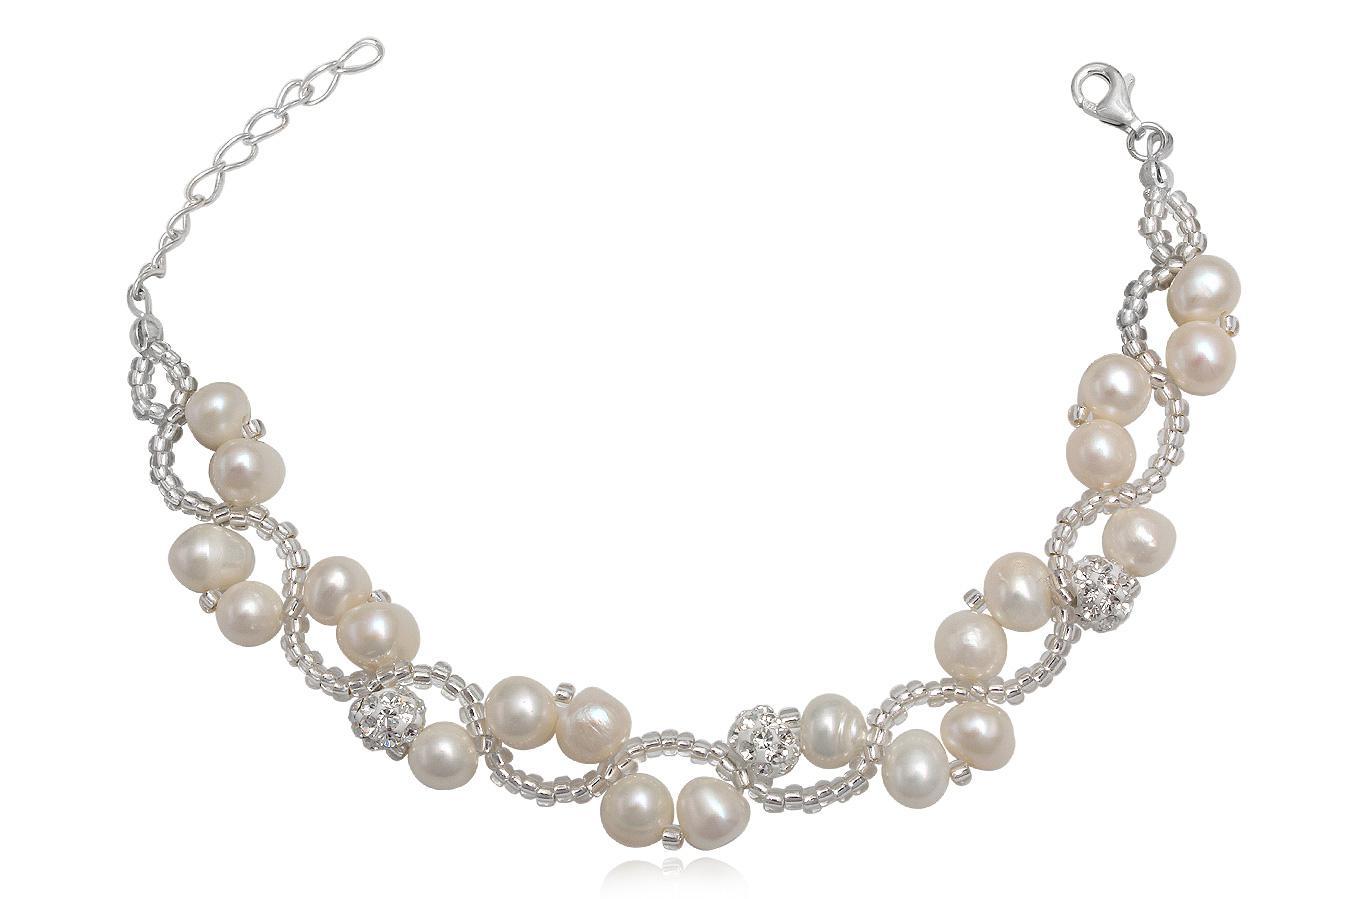 bratara mireasa cu perle si cristale